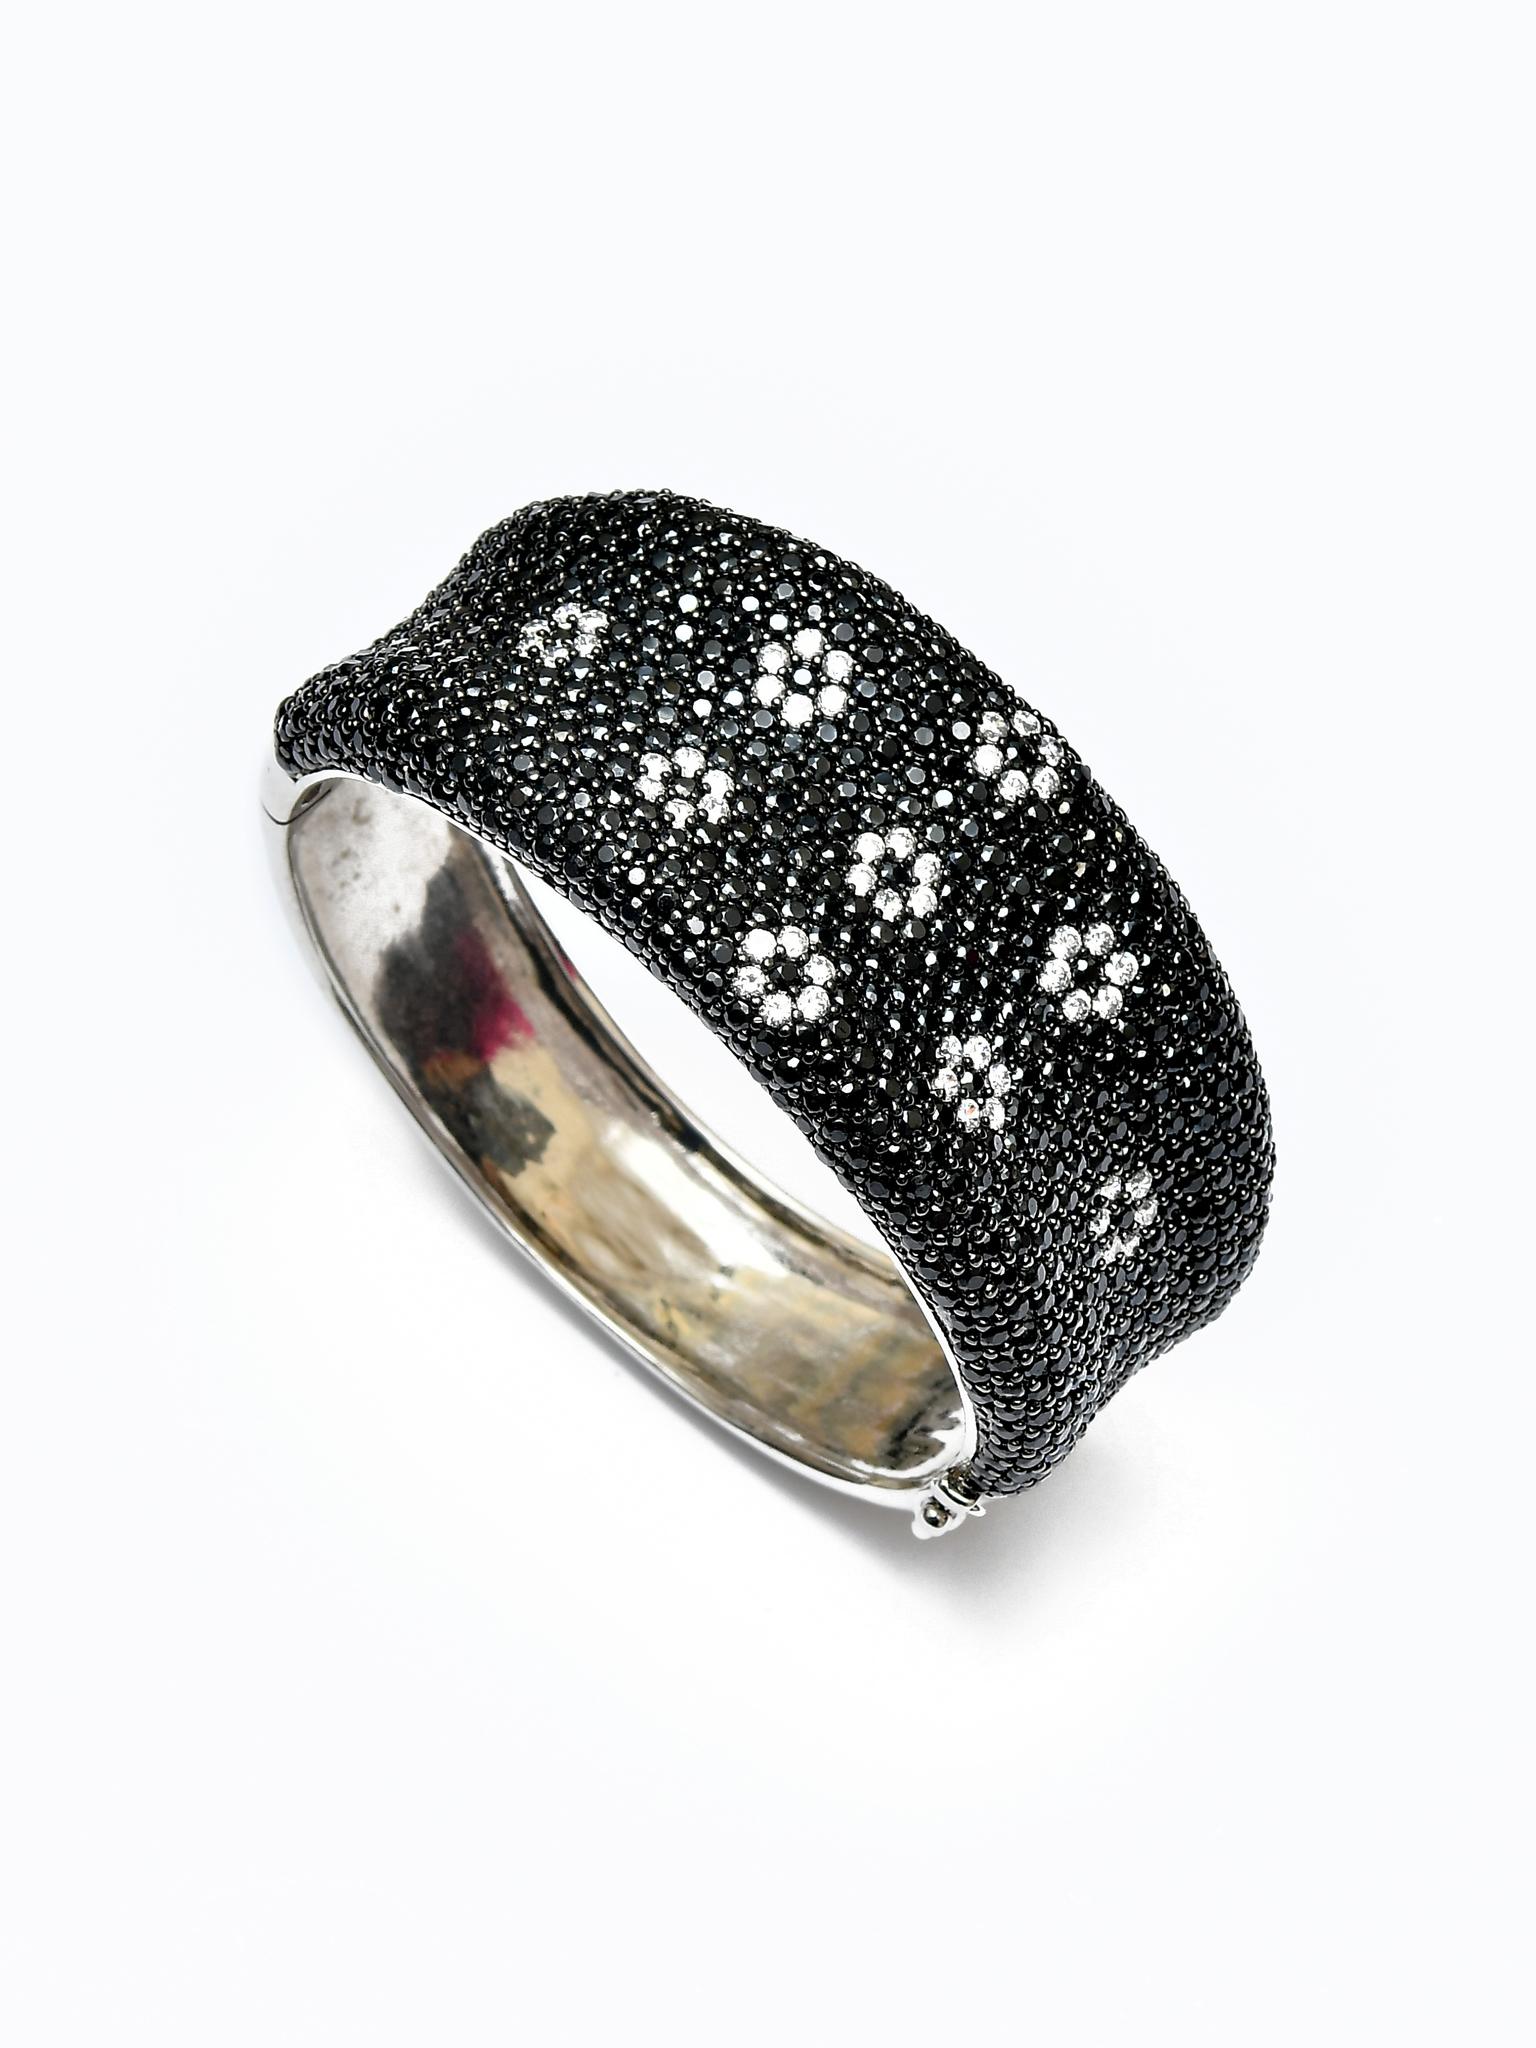 Стильный браслет с кристаллами от Akkad hsn.